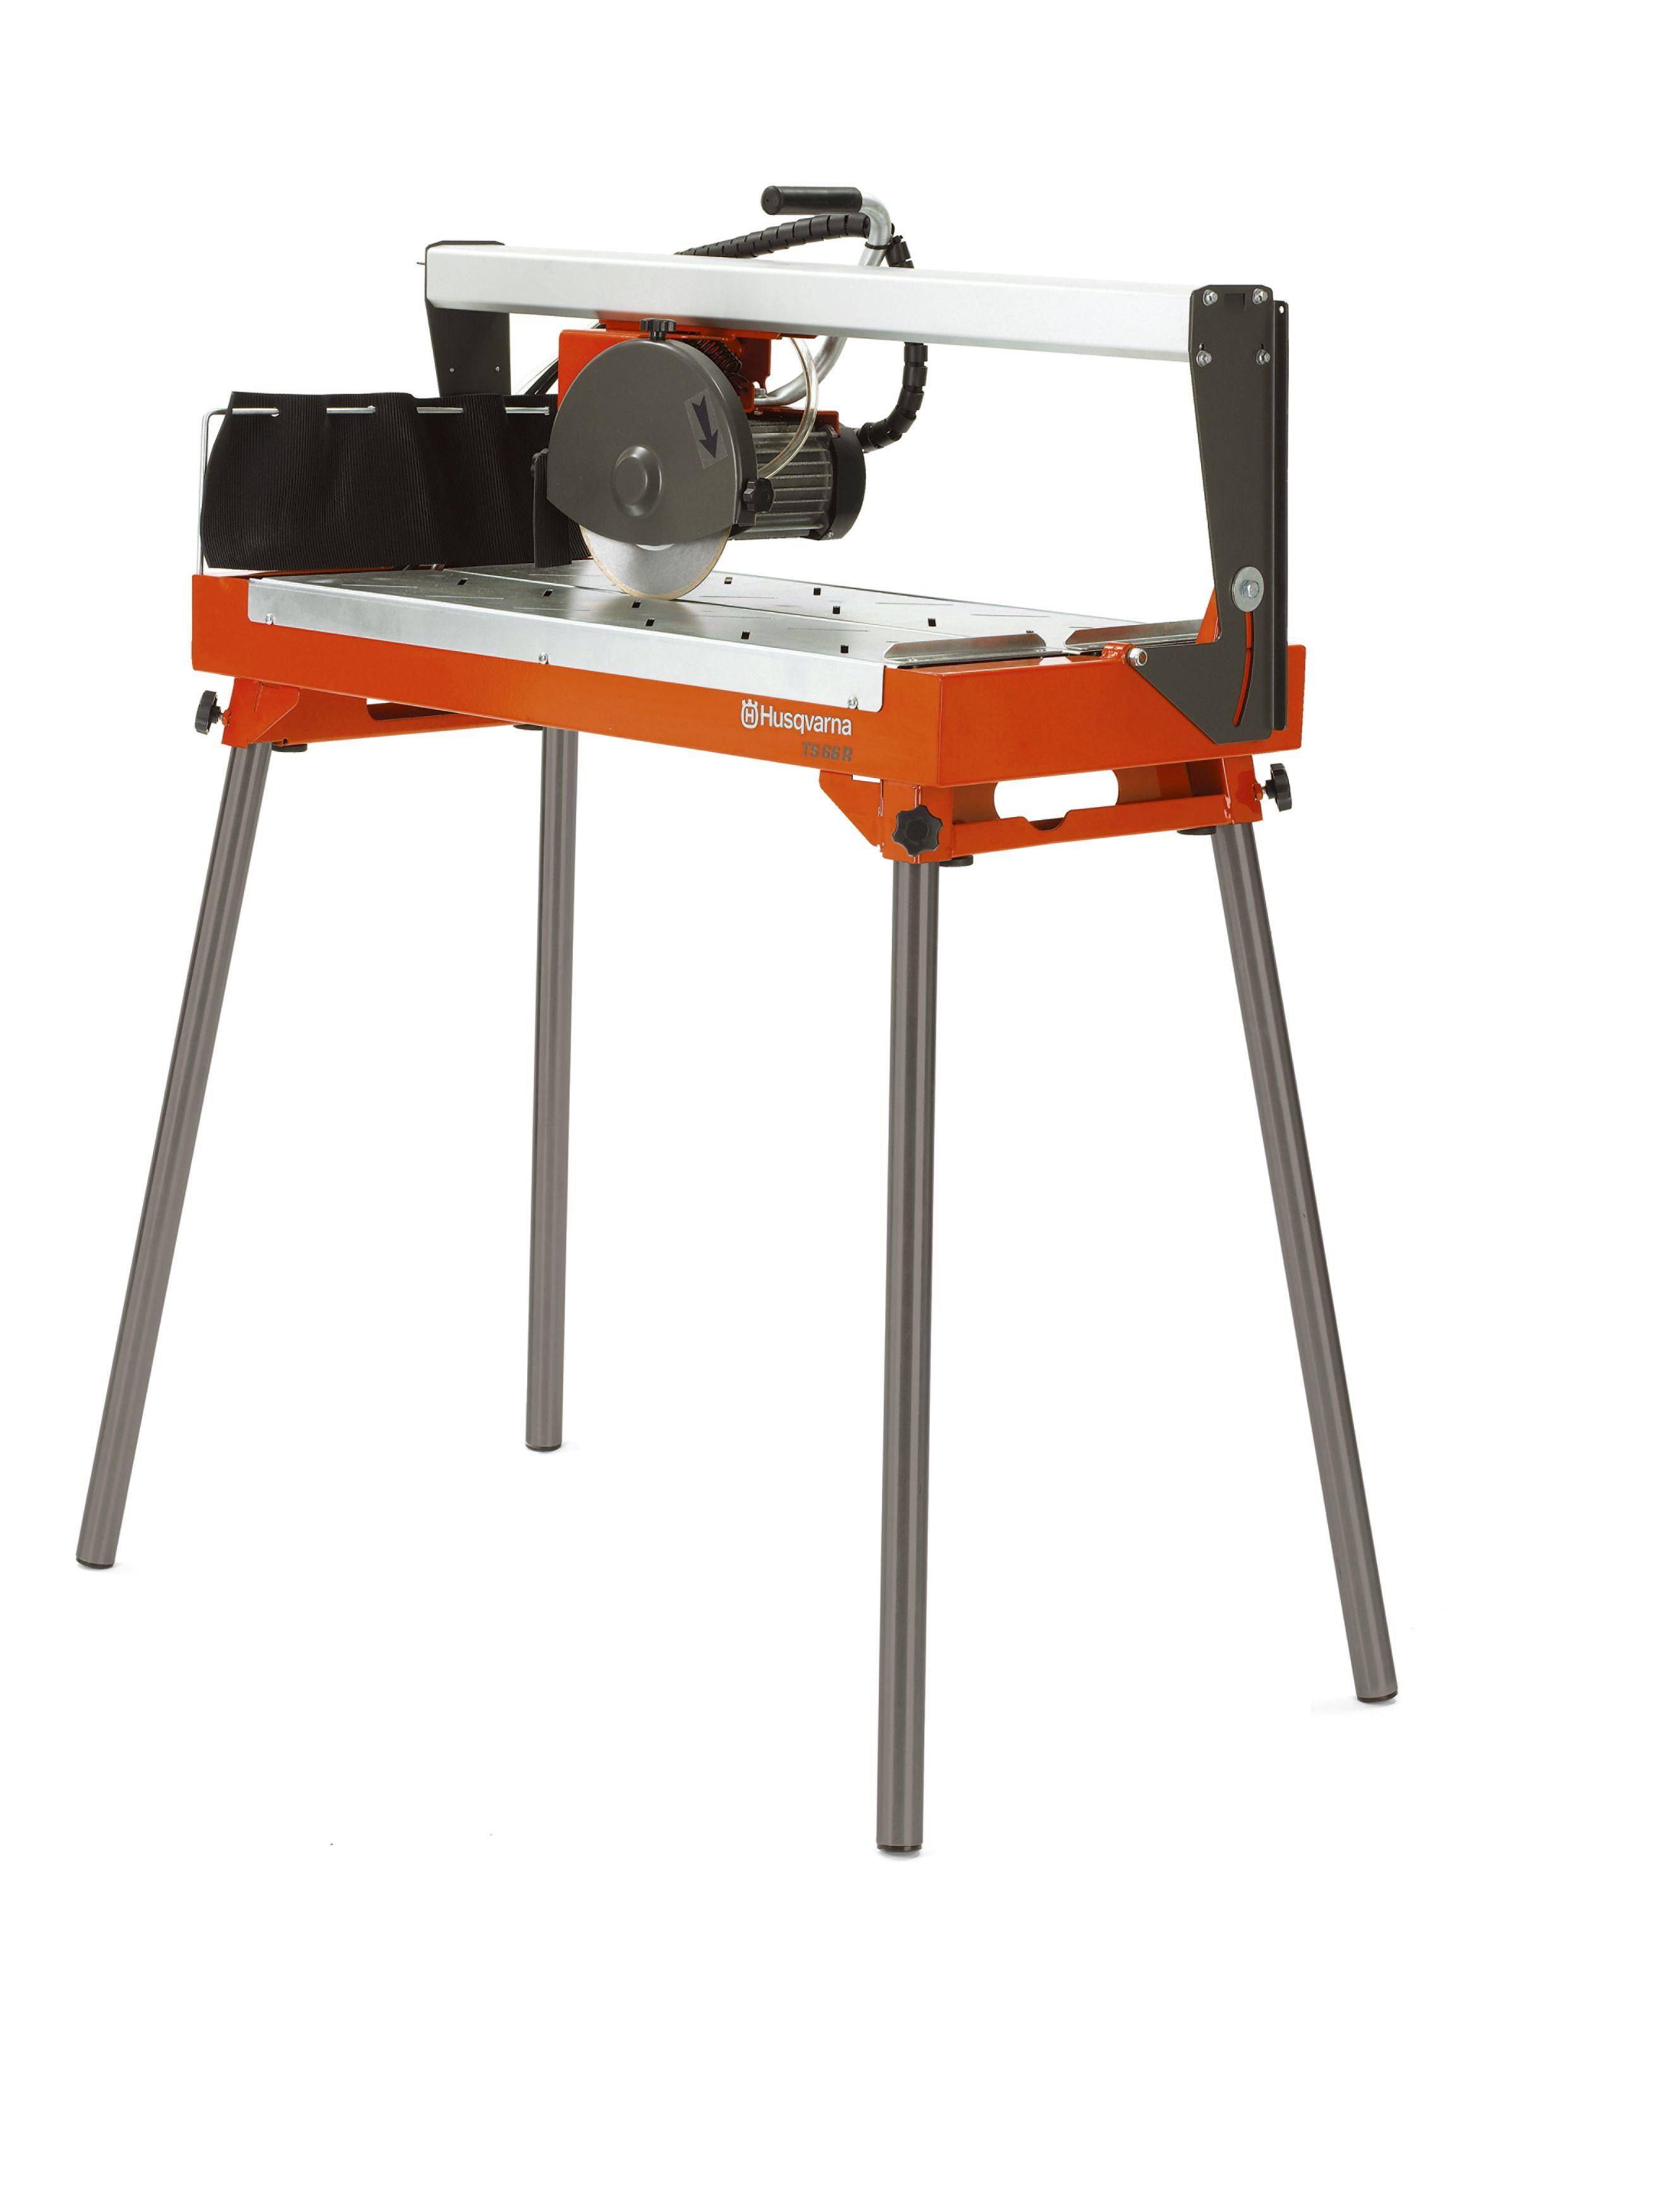 """Oranžs Husqvarna Flīžu zāģis, modelis """"TS 66 R'', skats no priekšas ar izvirzītu labo pusi"""